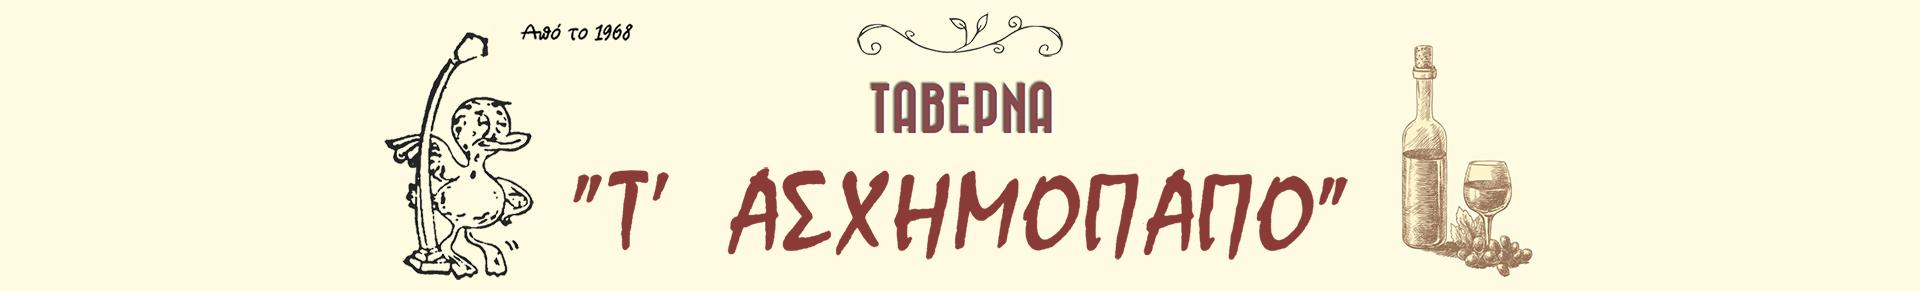 Ταβέρνα Τ' Ασχημόπαπο